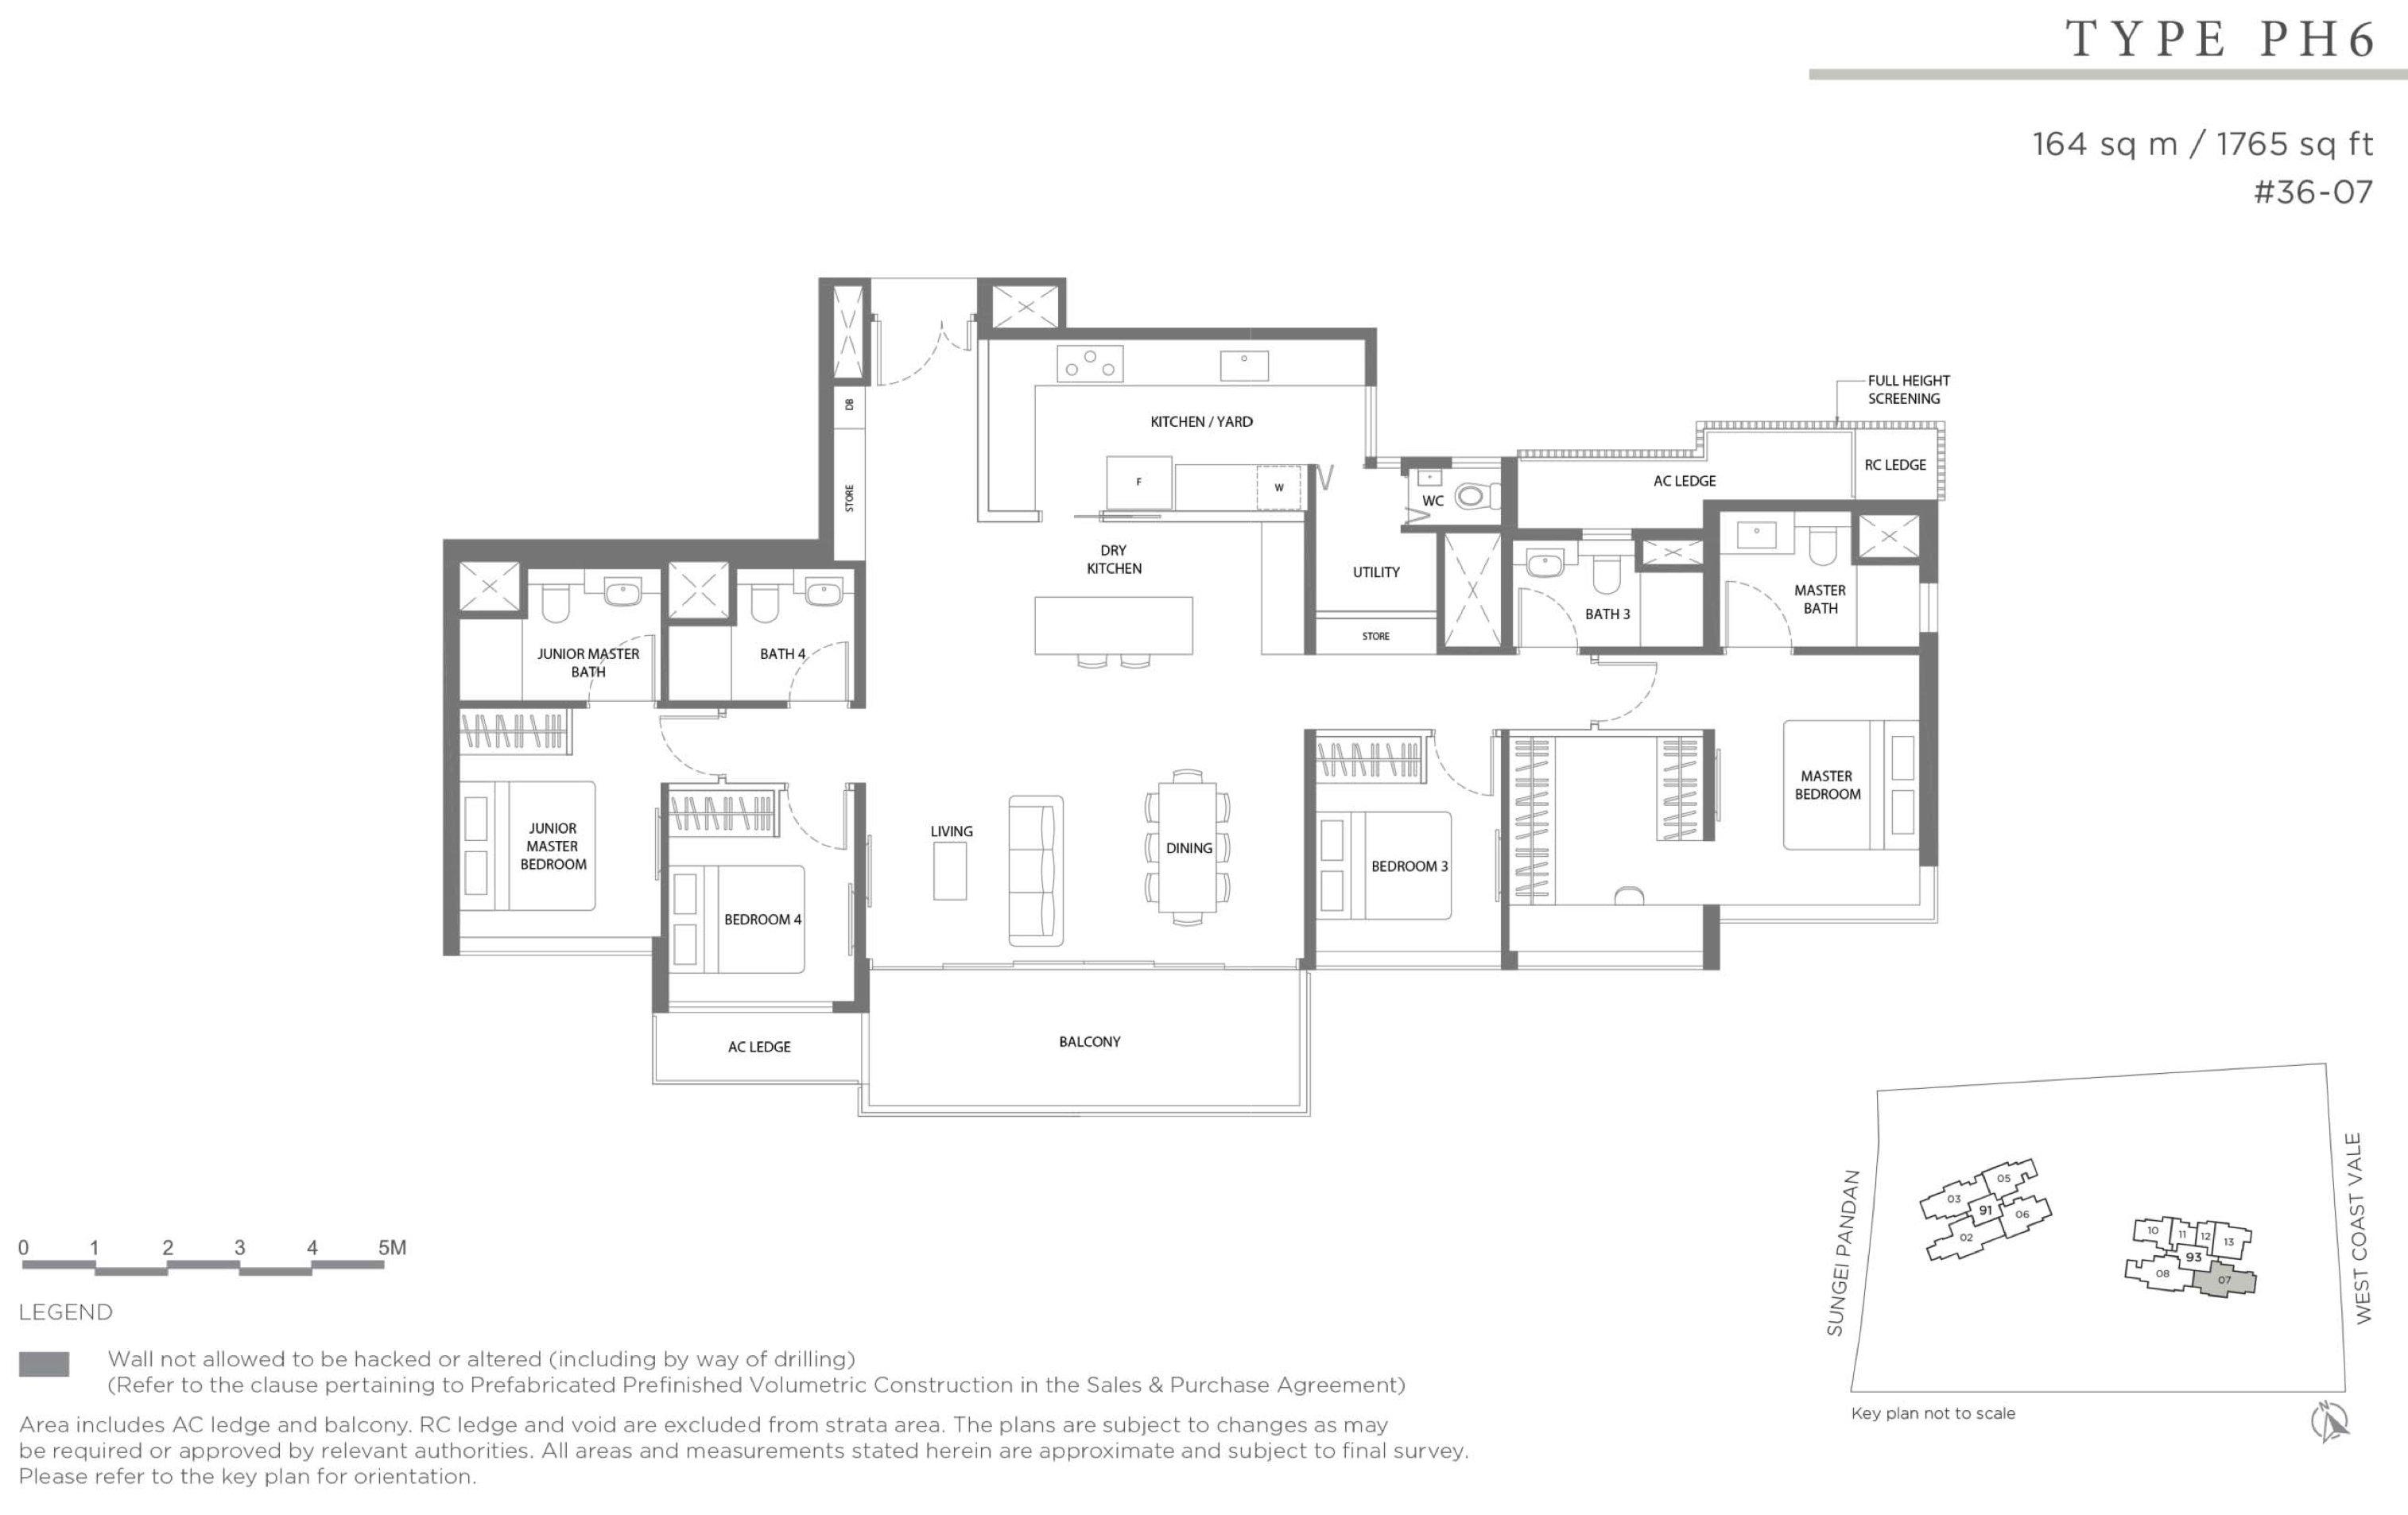 Twin VEW 4 bedroom penthouse PH6 floor plan